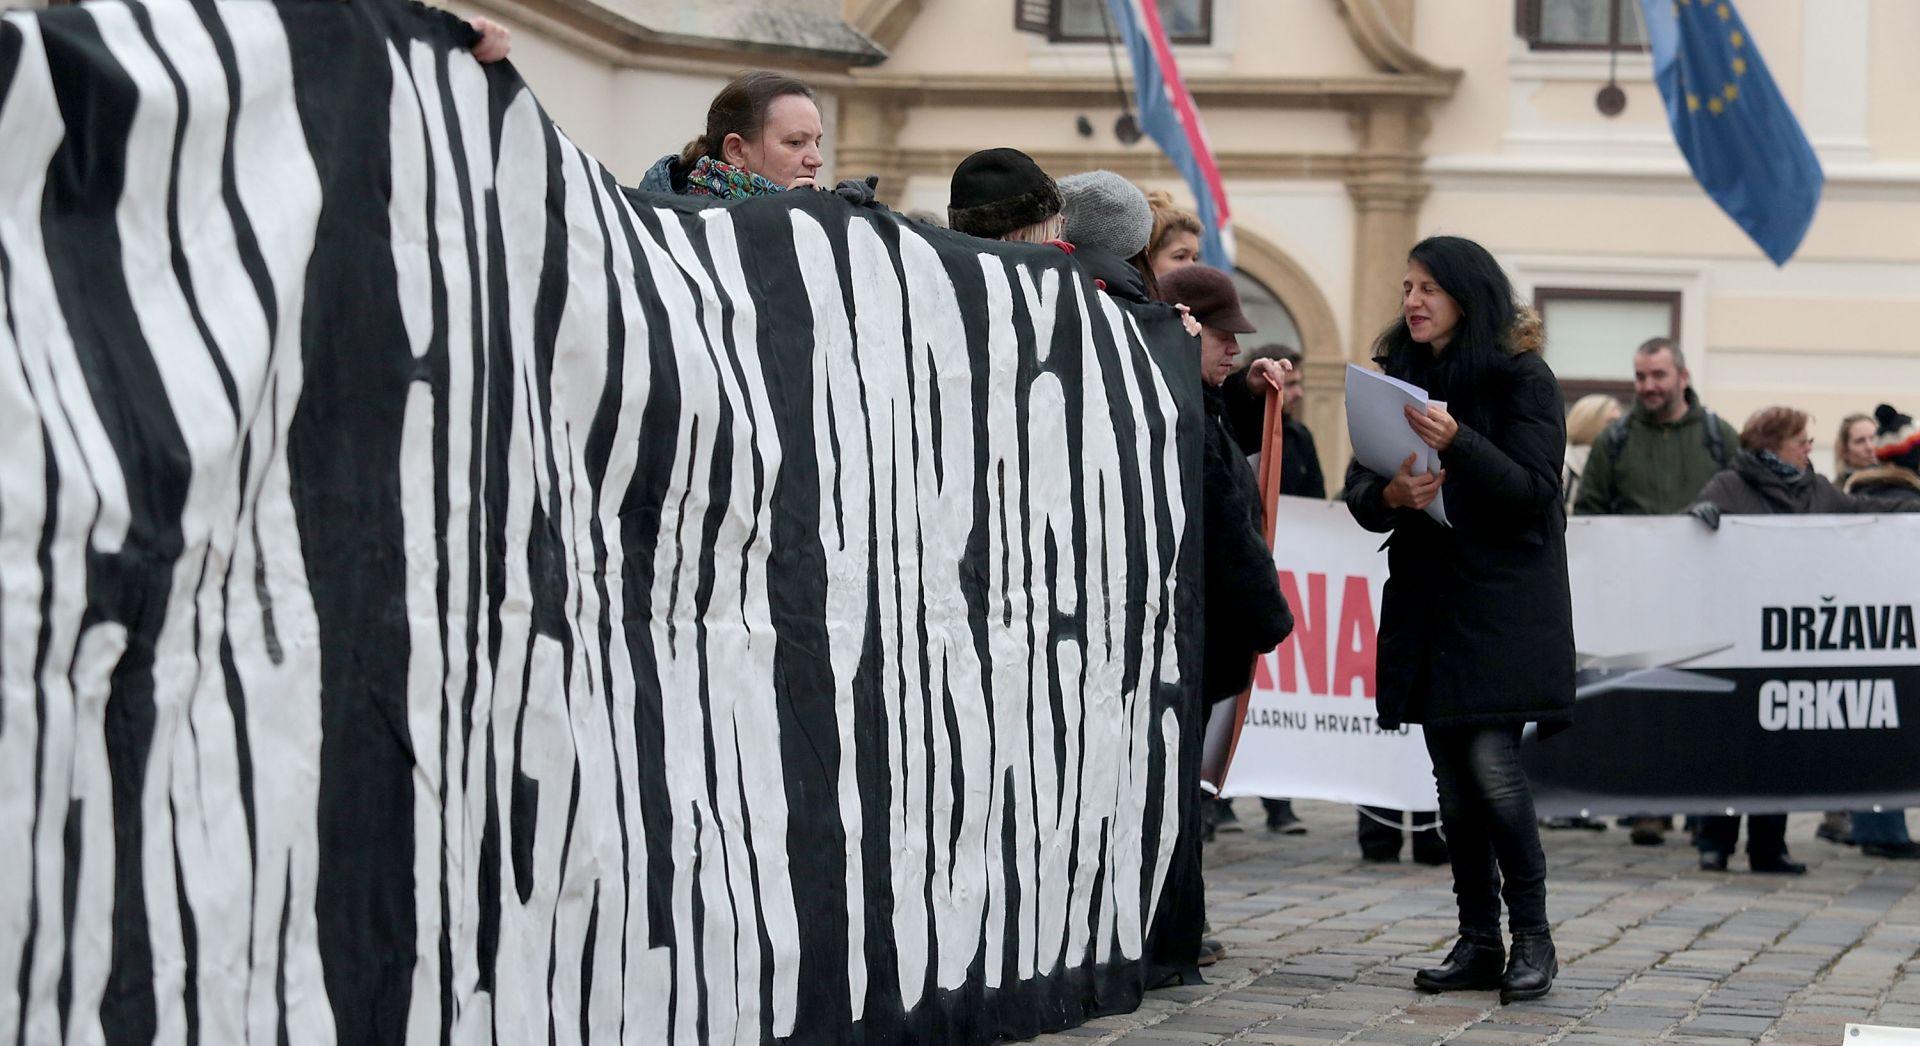 Ustavni sud održao prvi radni sastanak u vezi sa zakonom o pobačaju